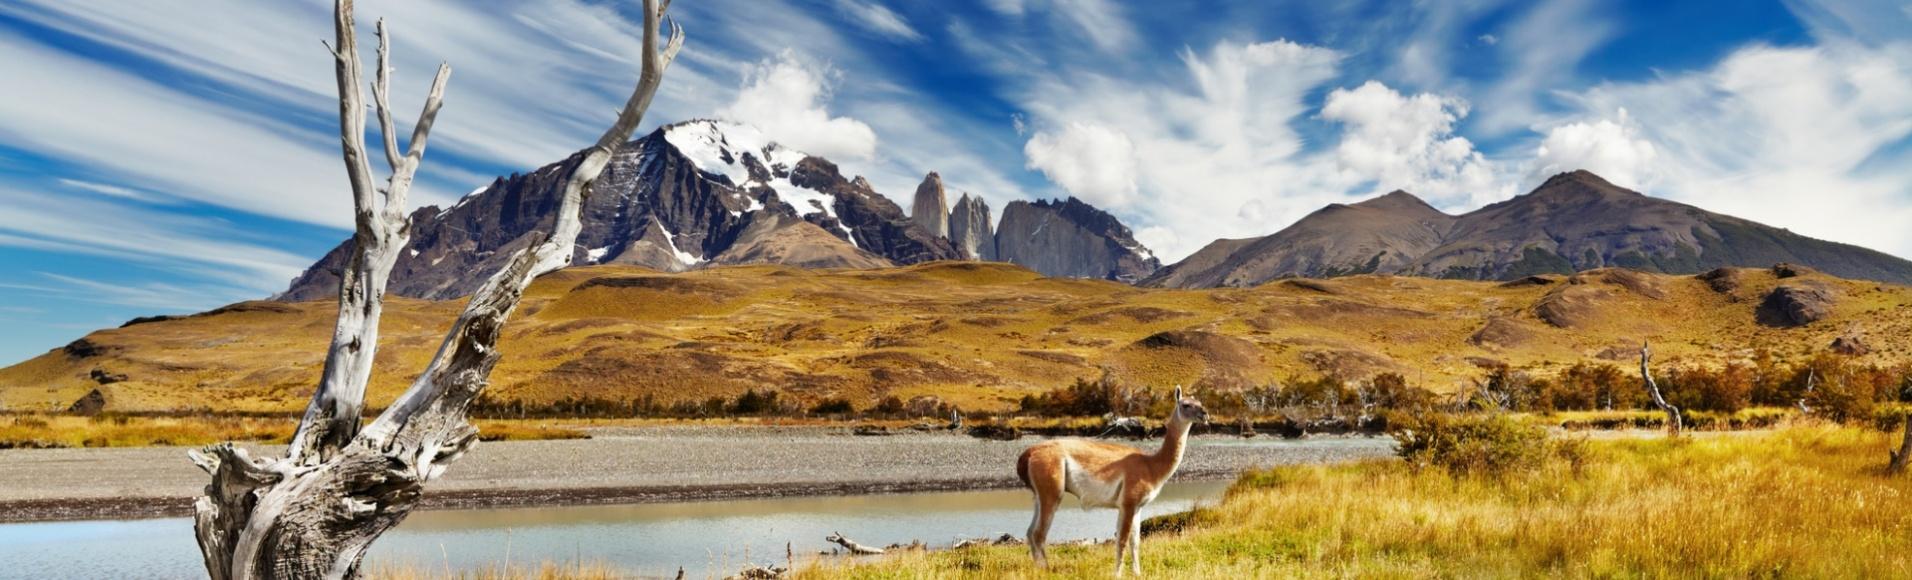 Guanaco au parc Torres del Paine